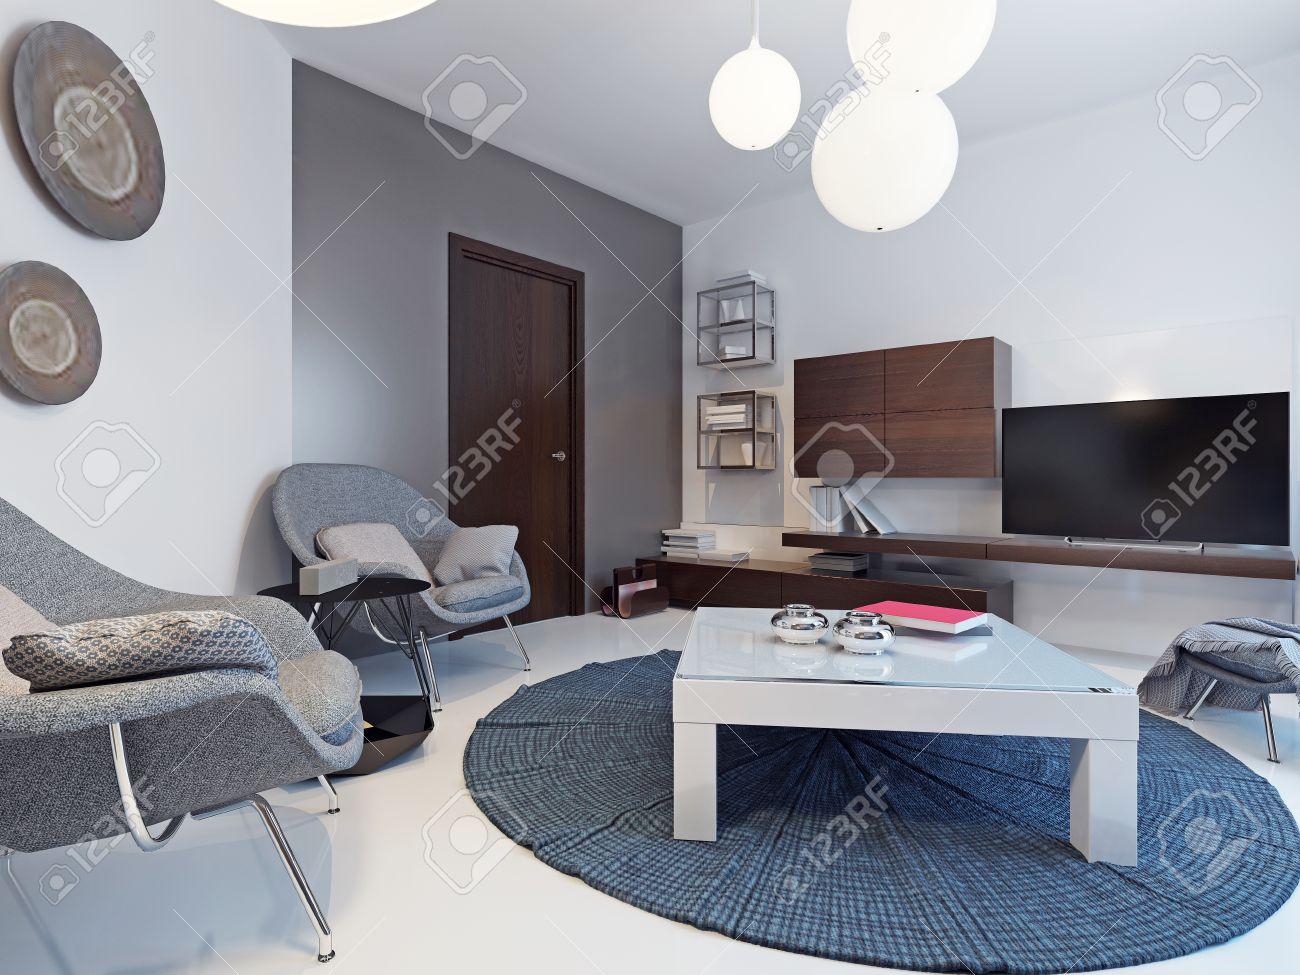 Weiß wohnzimmer mit tv ständer und regale minimalistische